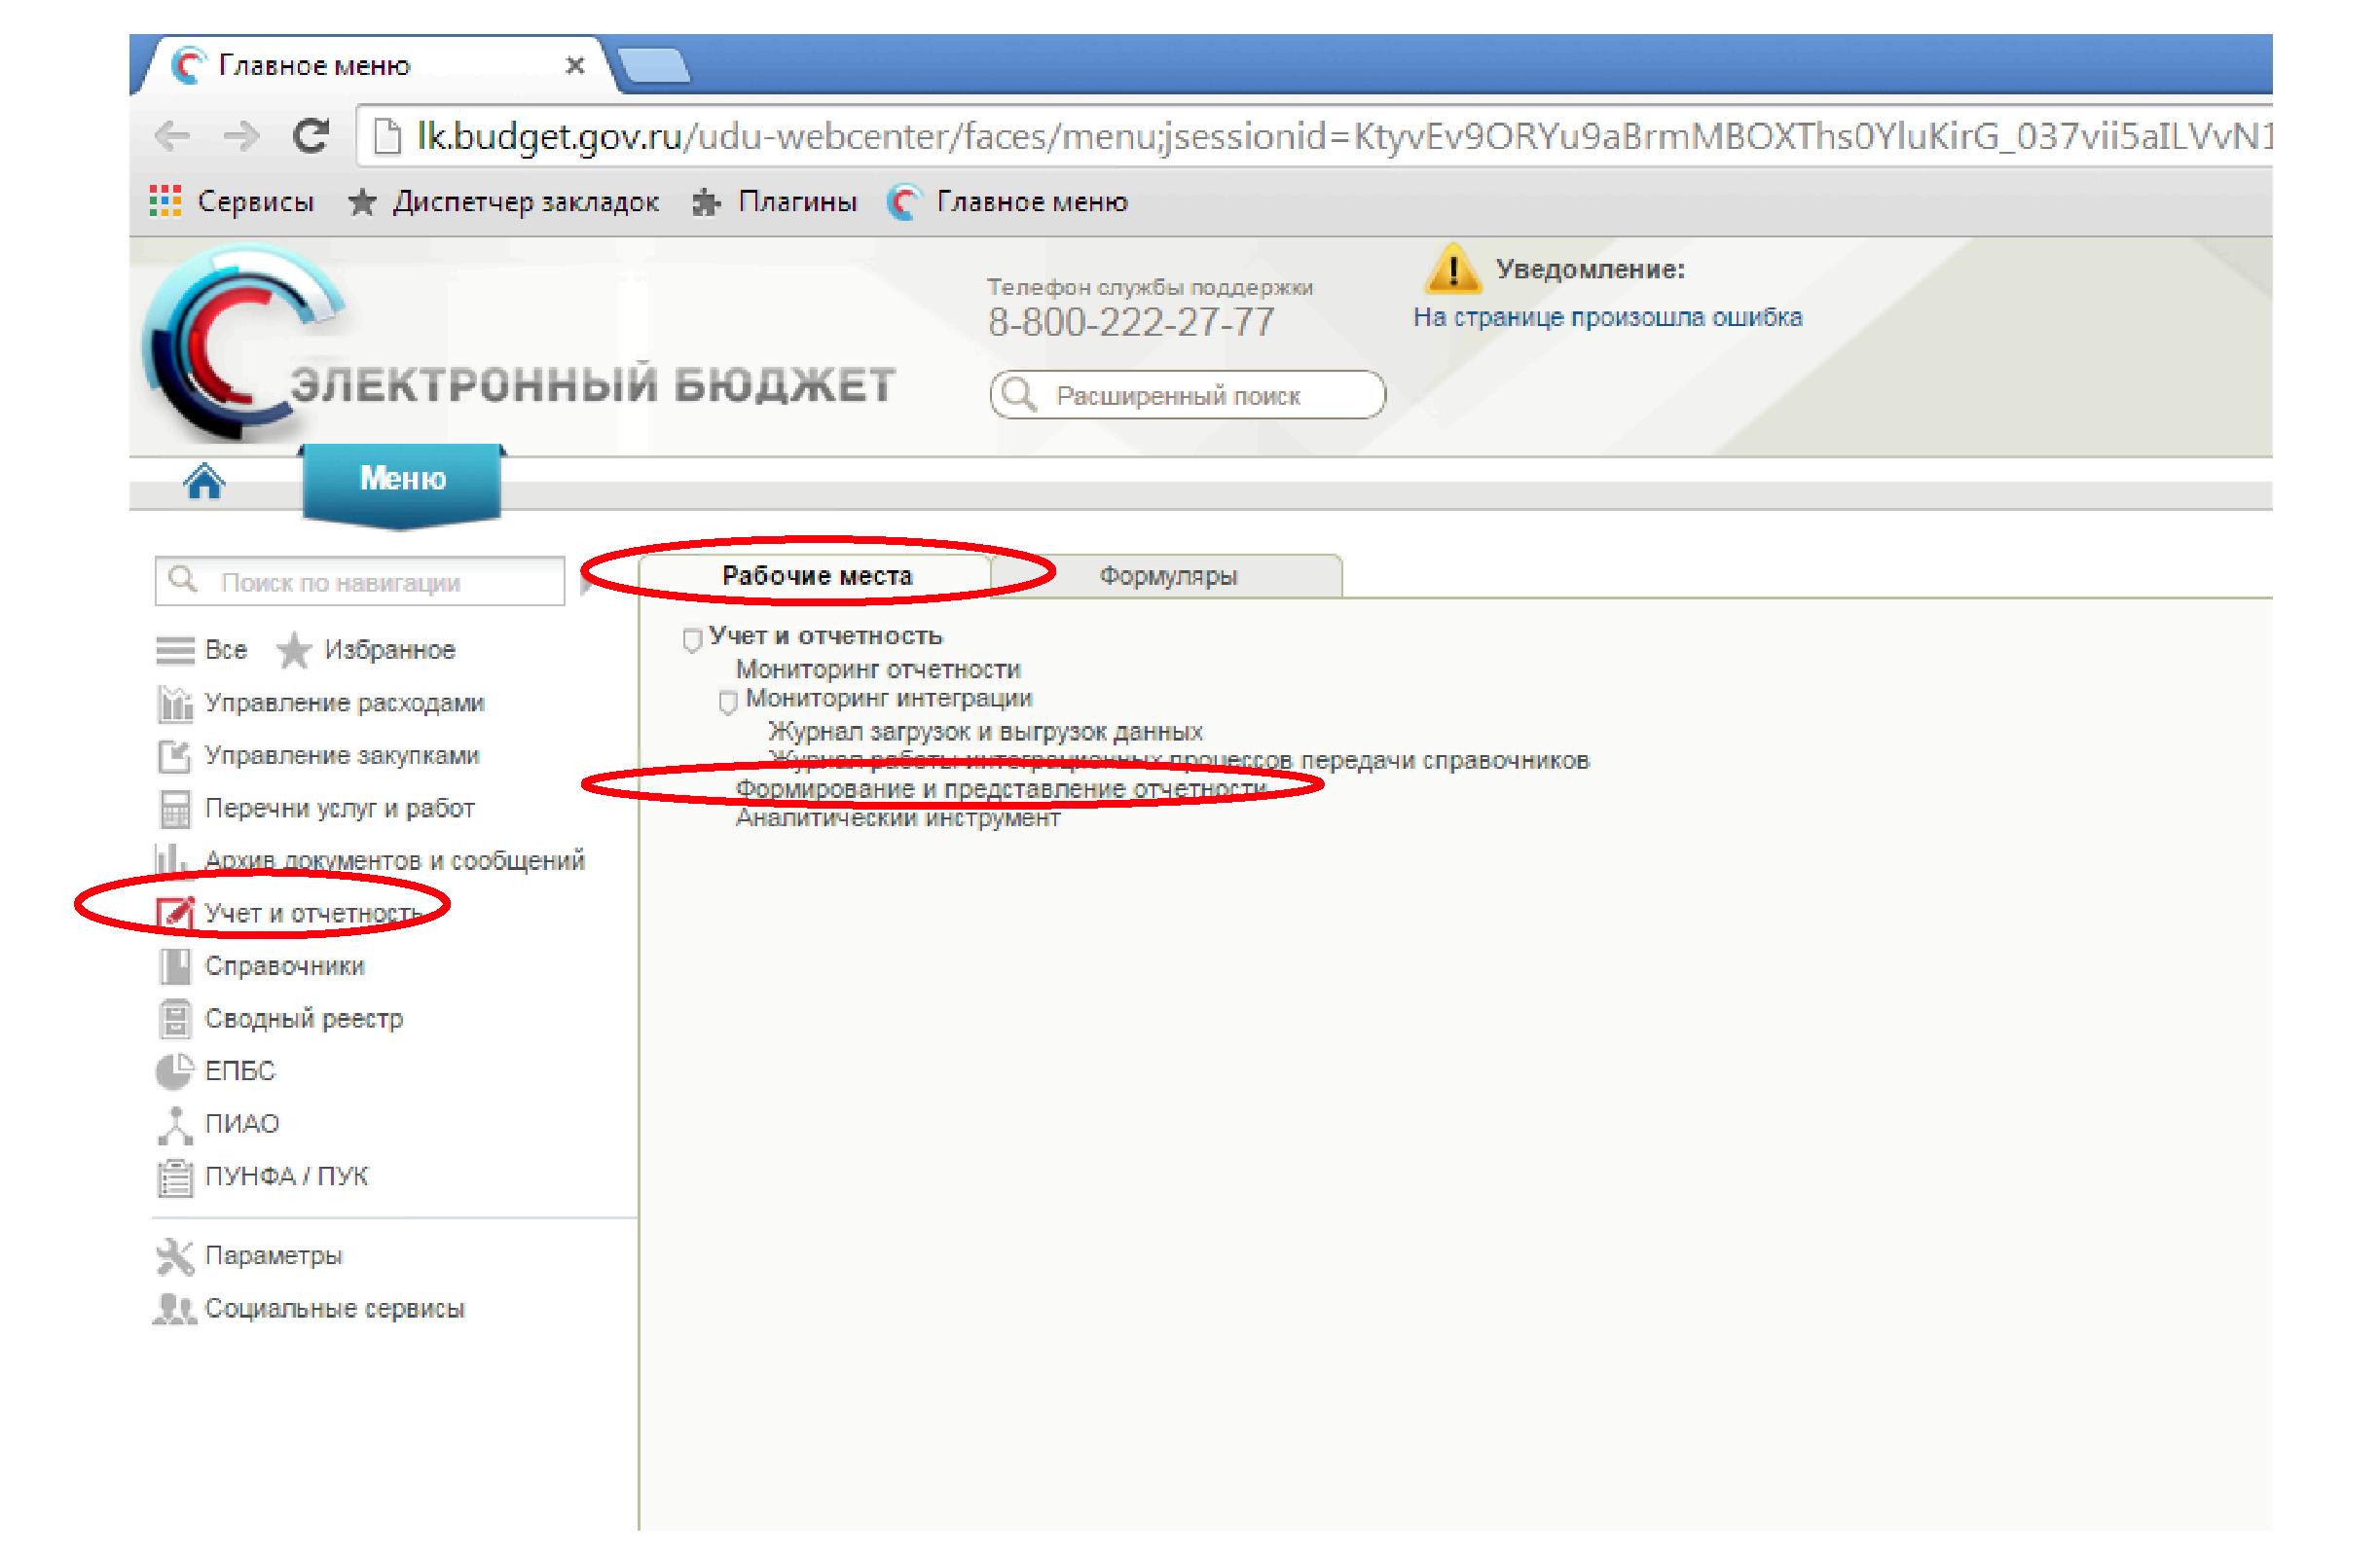 Электронный бюджет срок представления отчетности бухгалтер онлайн тест